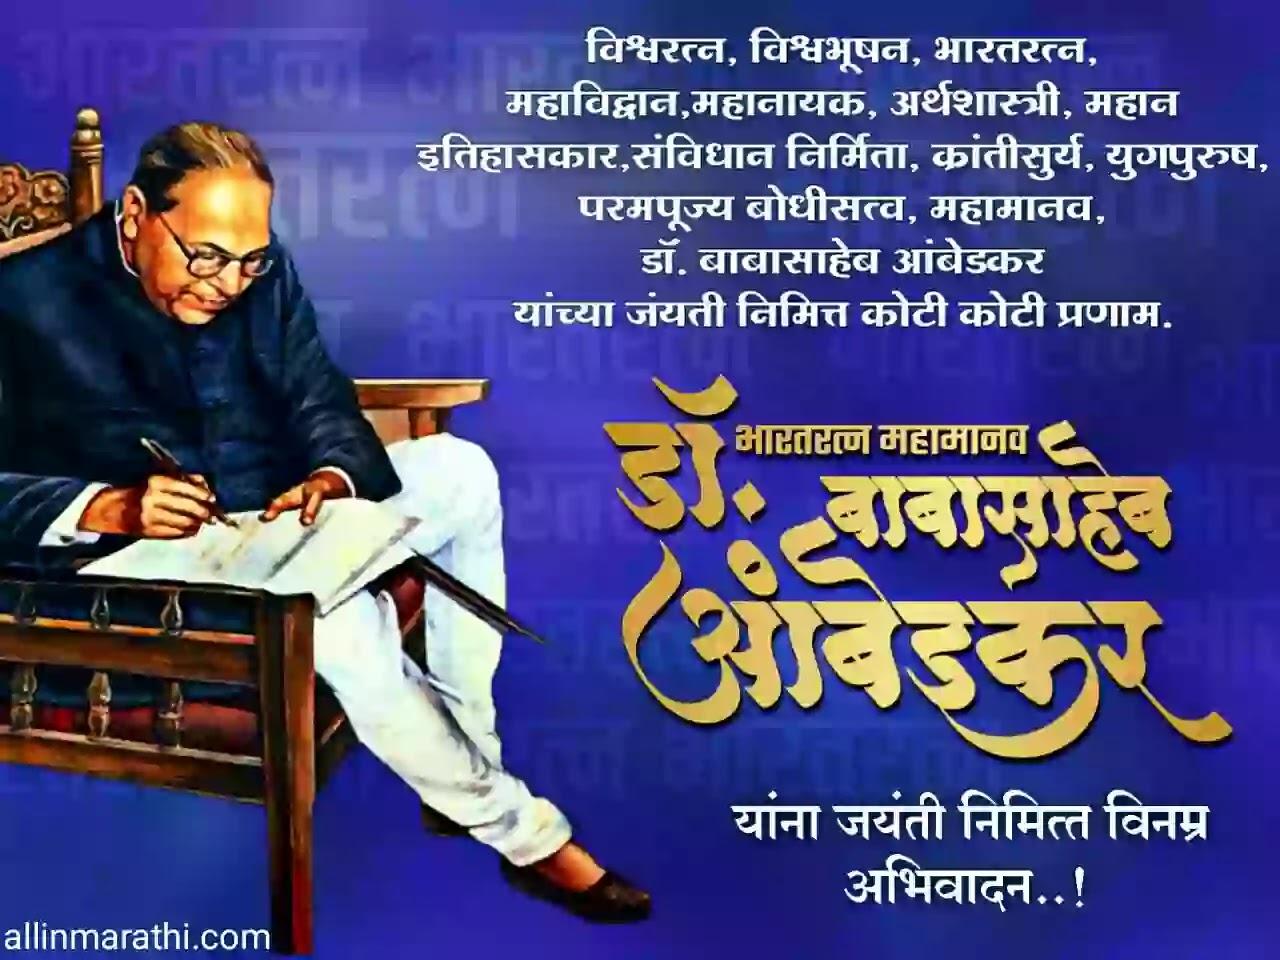 Dr.babasaheb-ambedkar-jayanti-messages-marathi